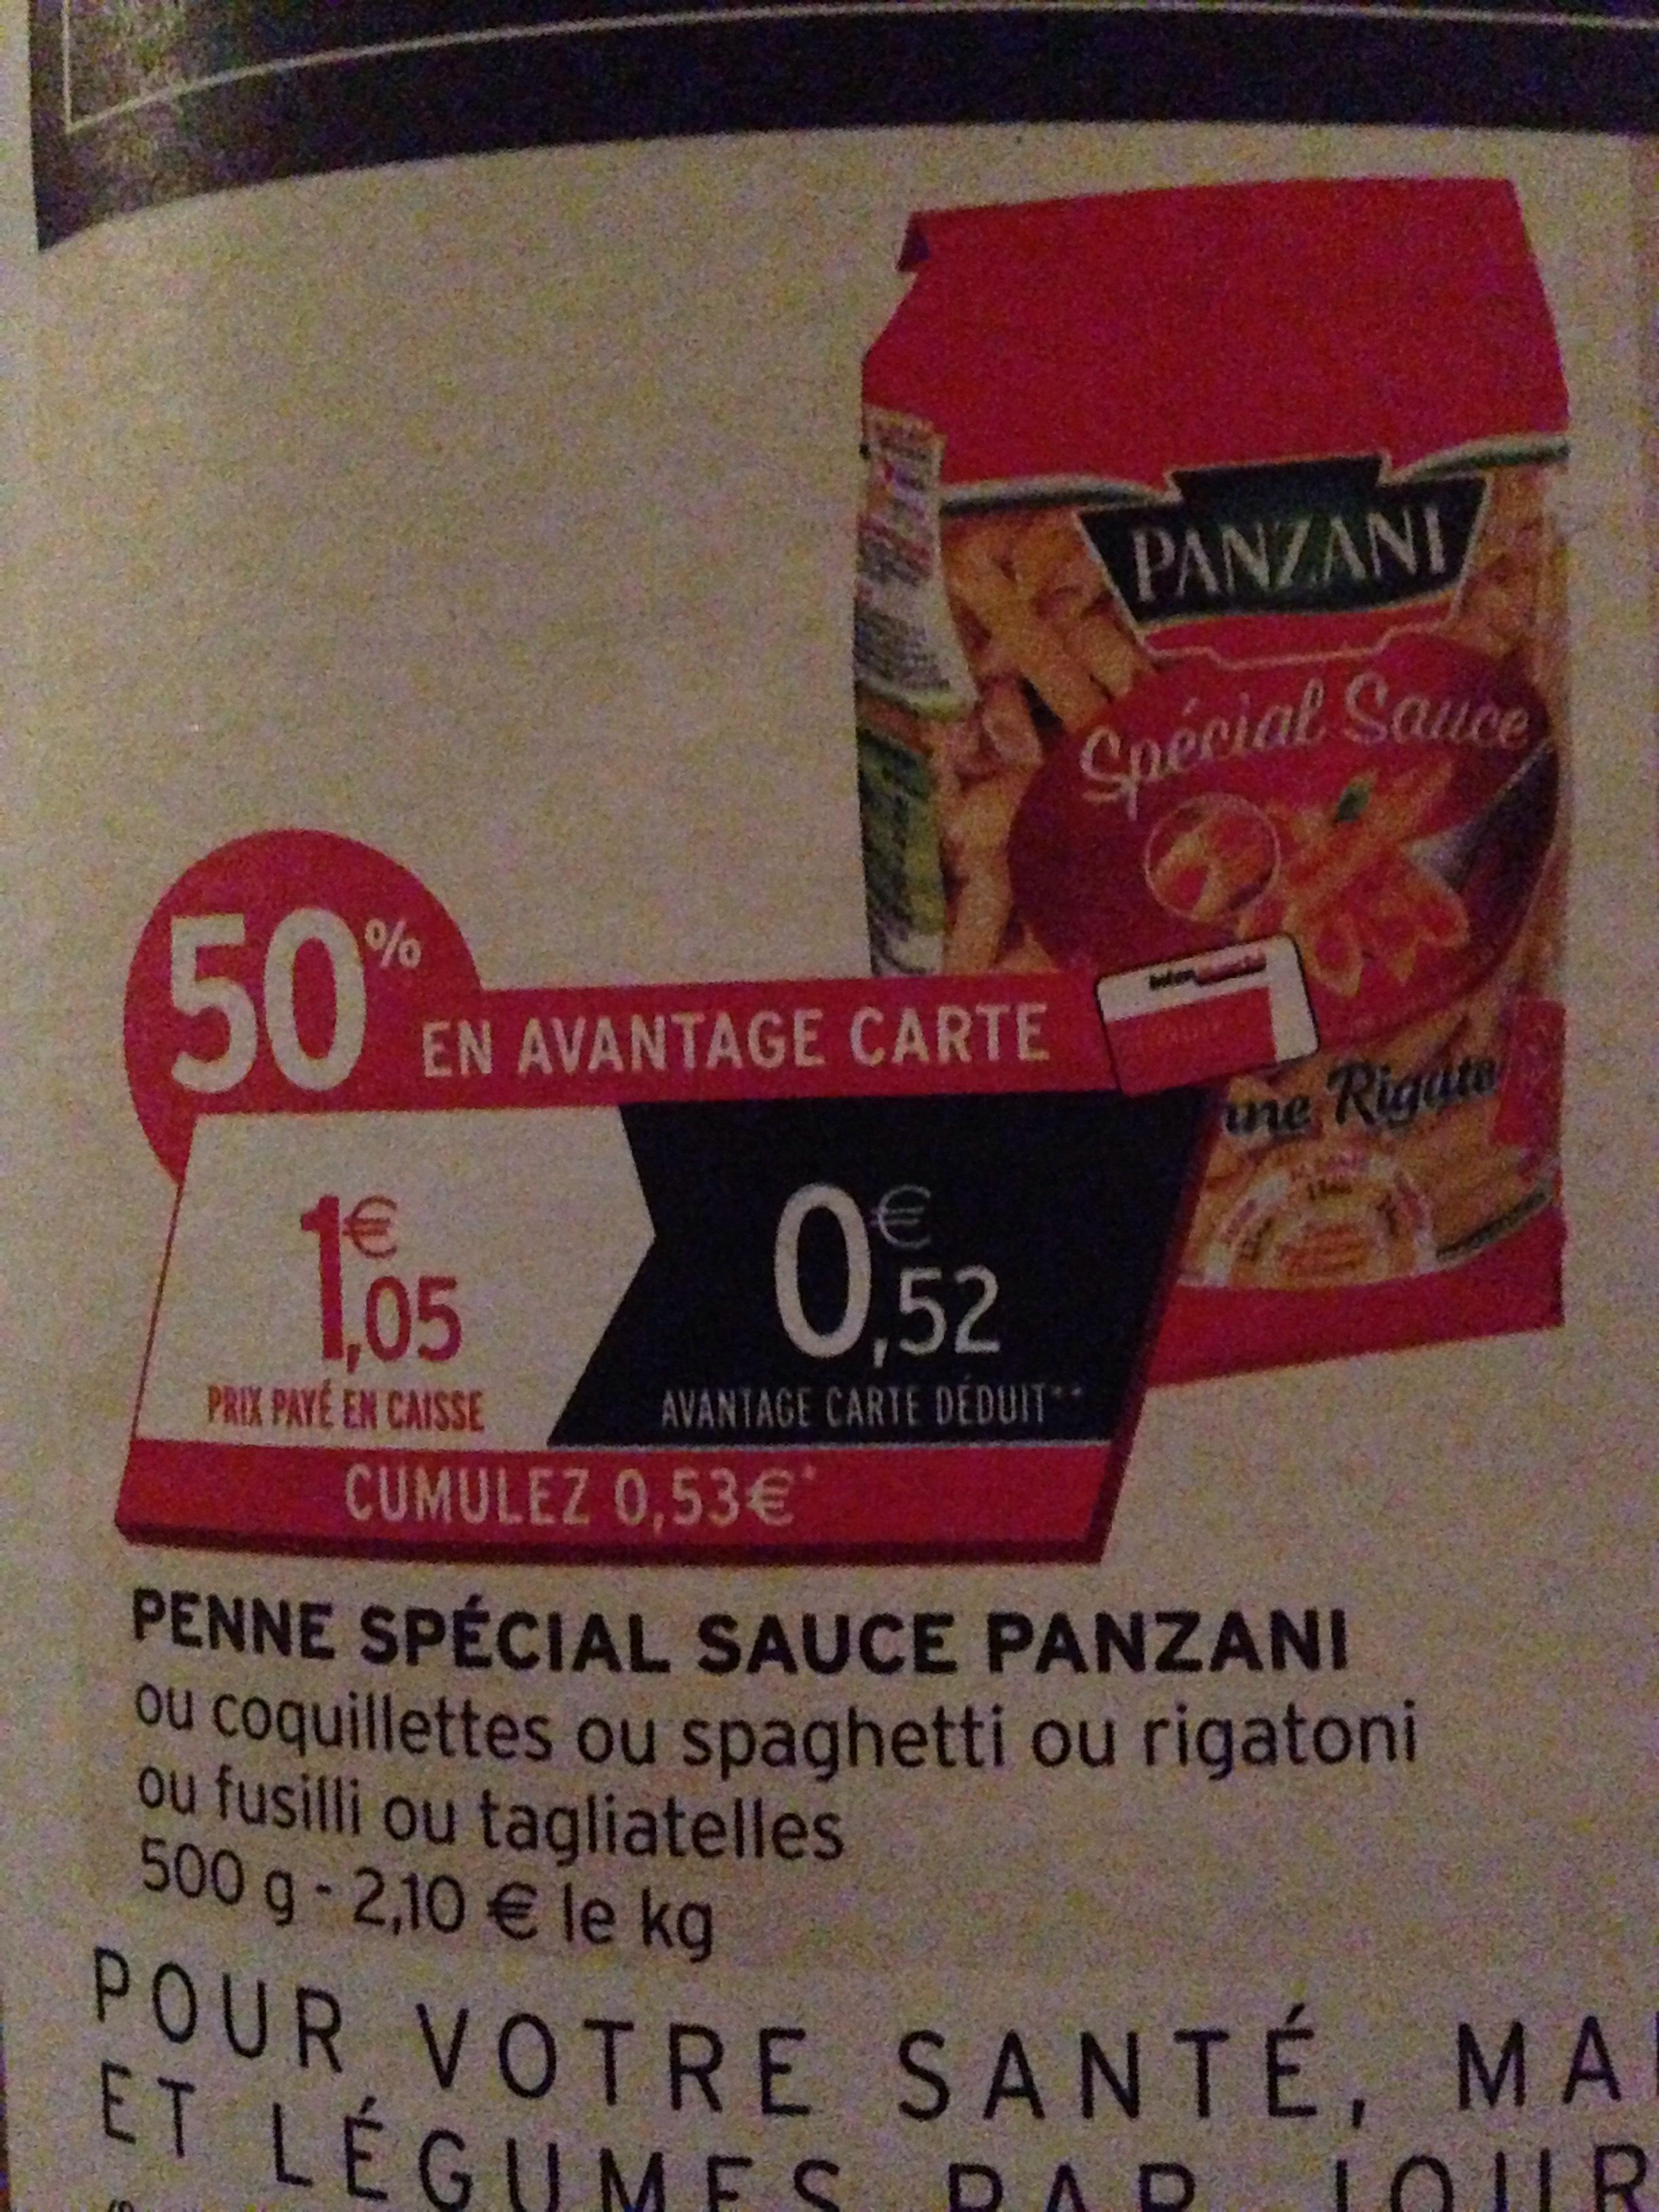 Paquet de Pâtes Panzani Penne Spécial Sauce 500g (50% en avantage carte + shopmium)